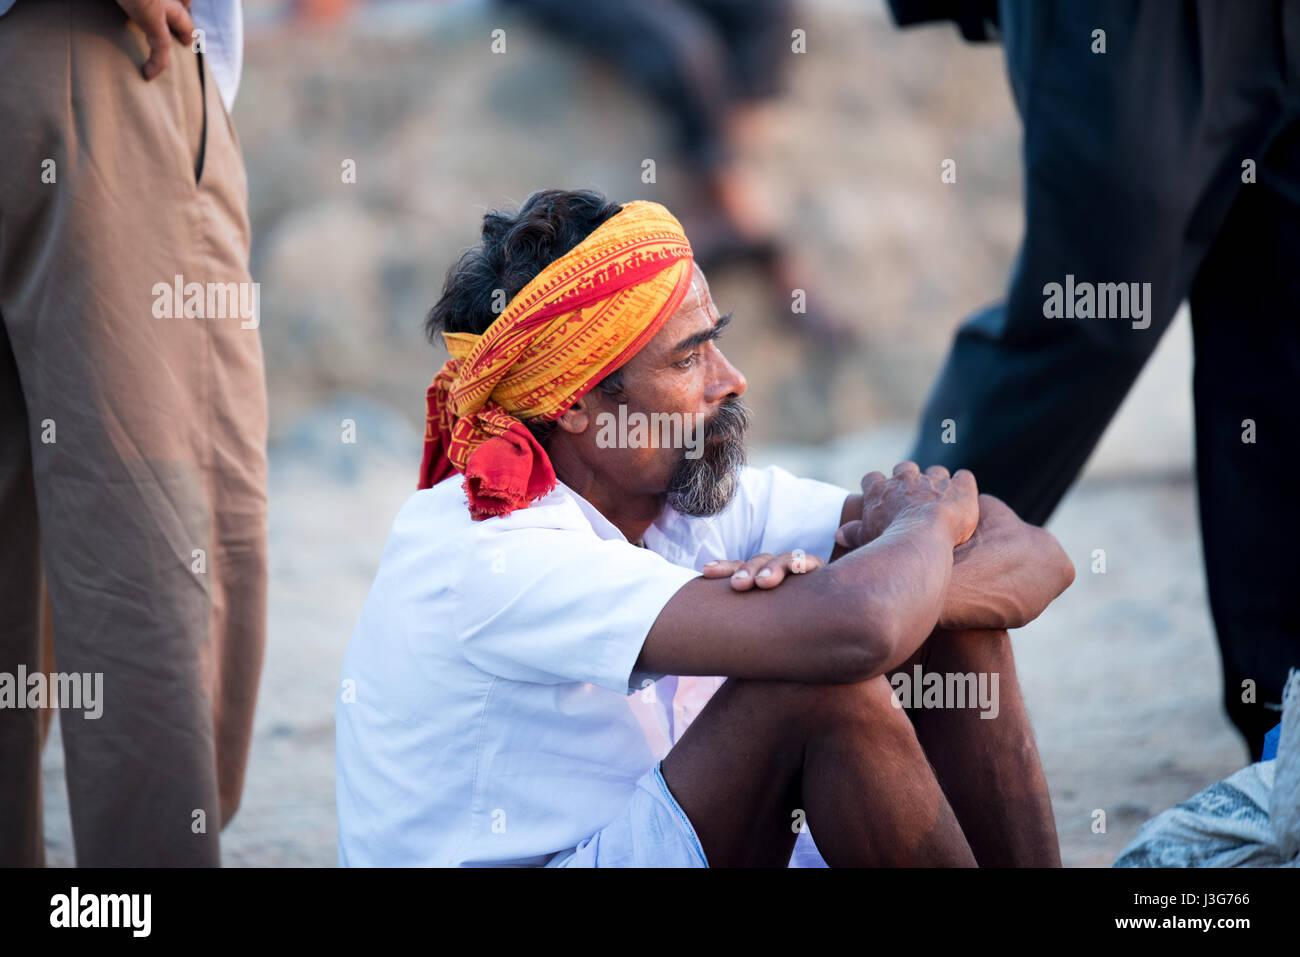 Männer schauen sitzt auf dem Boden inmitten einer Menschenmenge in Kanyakumari, Indien Stockbild